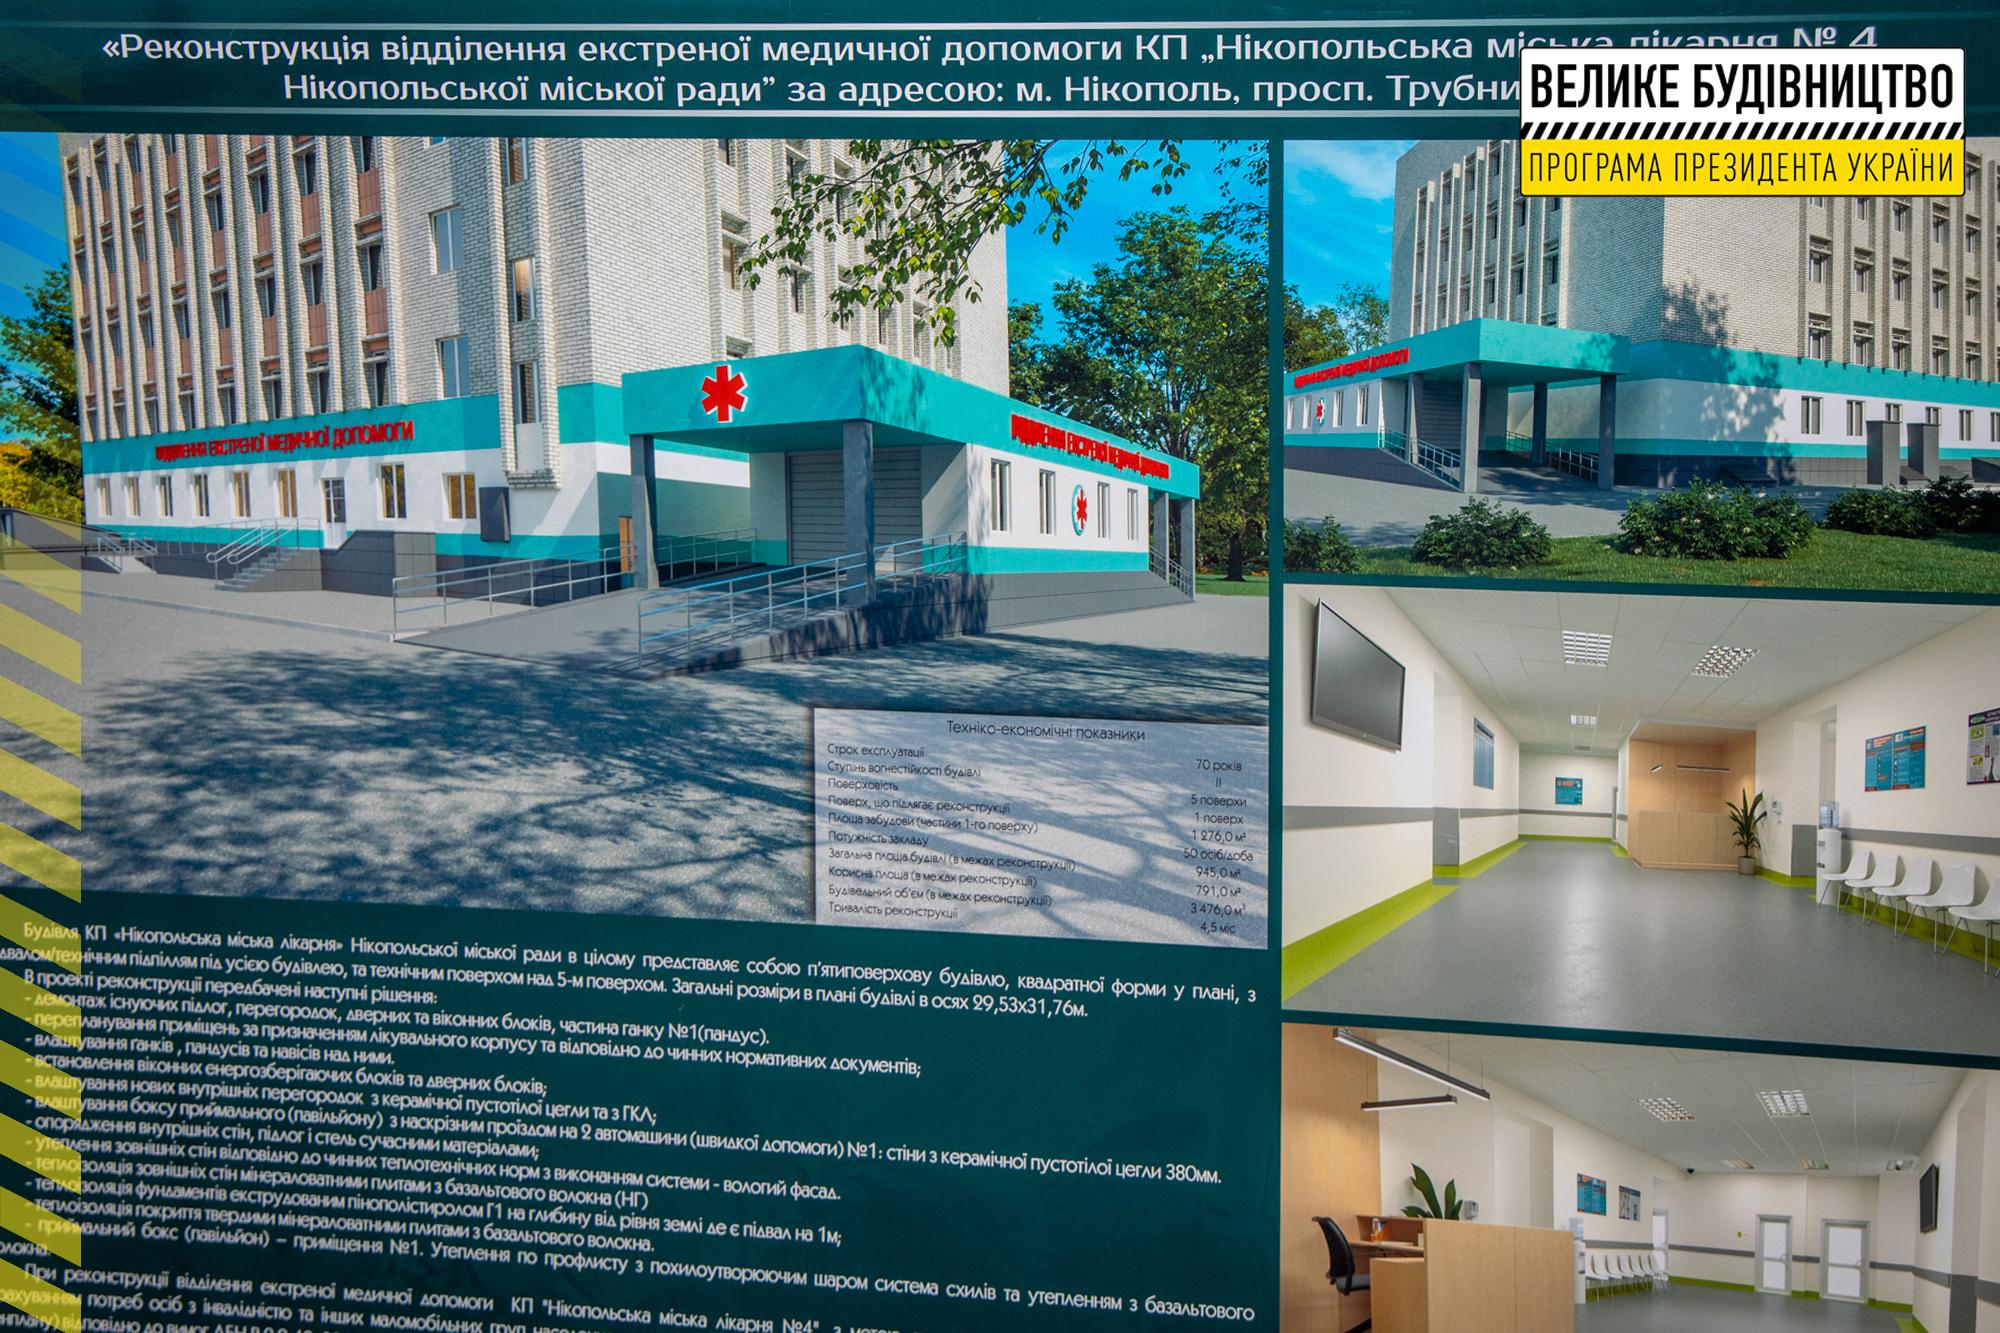 В оновленому приймальному відділенні лікуватимуть пацієнтів з Нікополя, сусідніх міст та районів